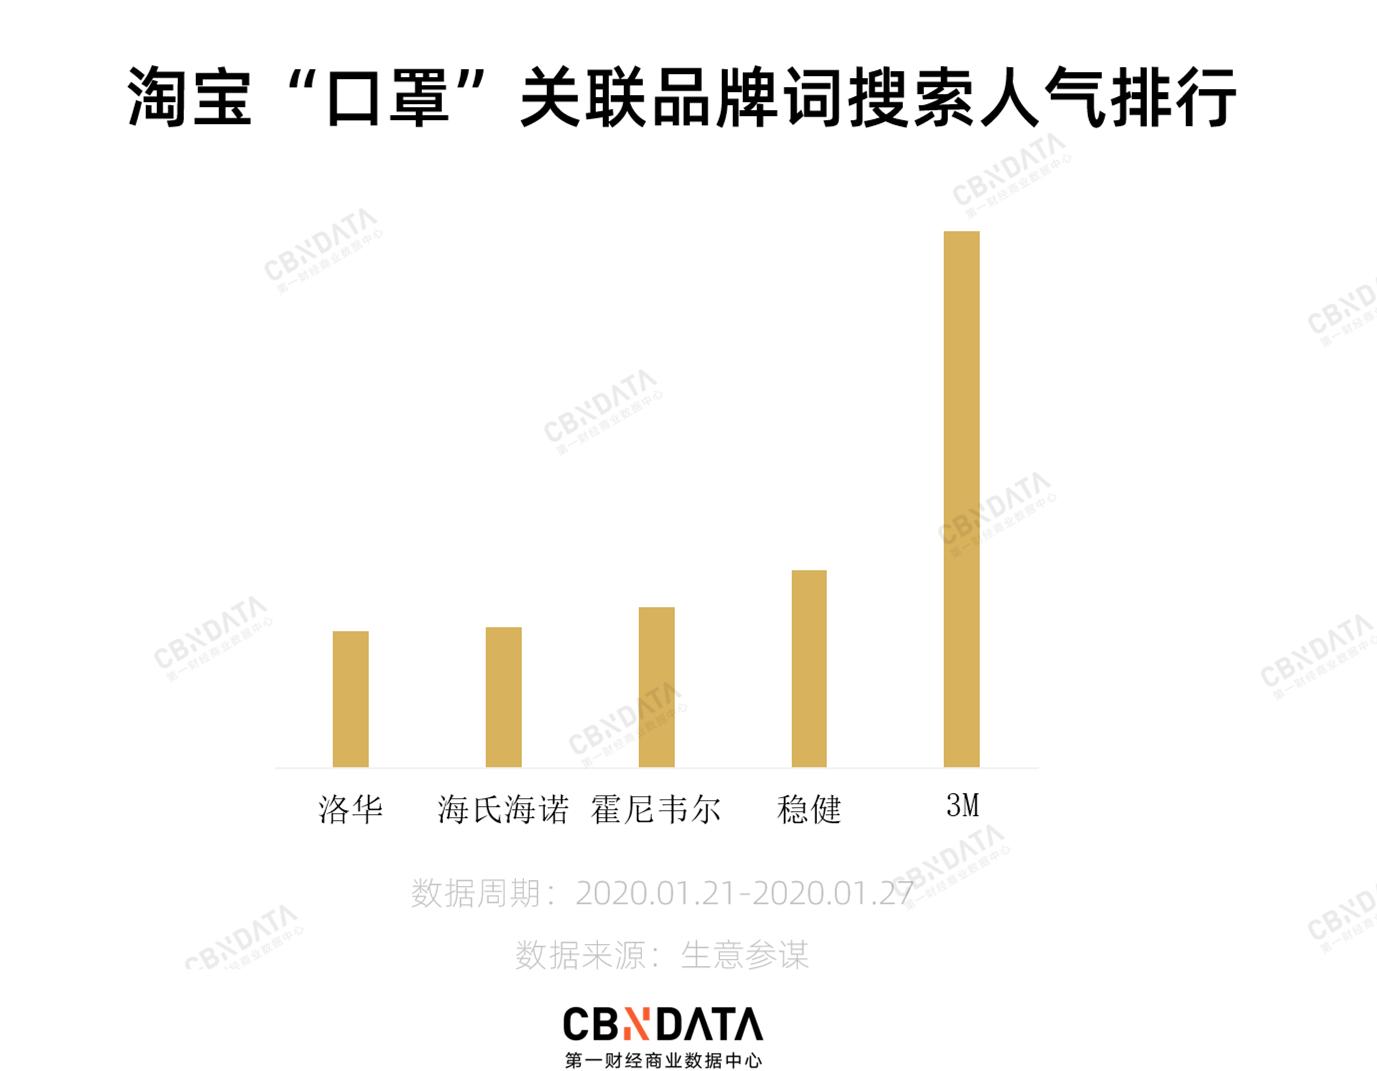 占领中国口罩市场的,为什么都是外国品牌?|我国哪些地方被外国人占领